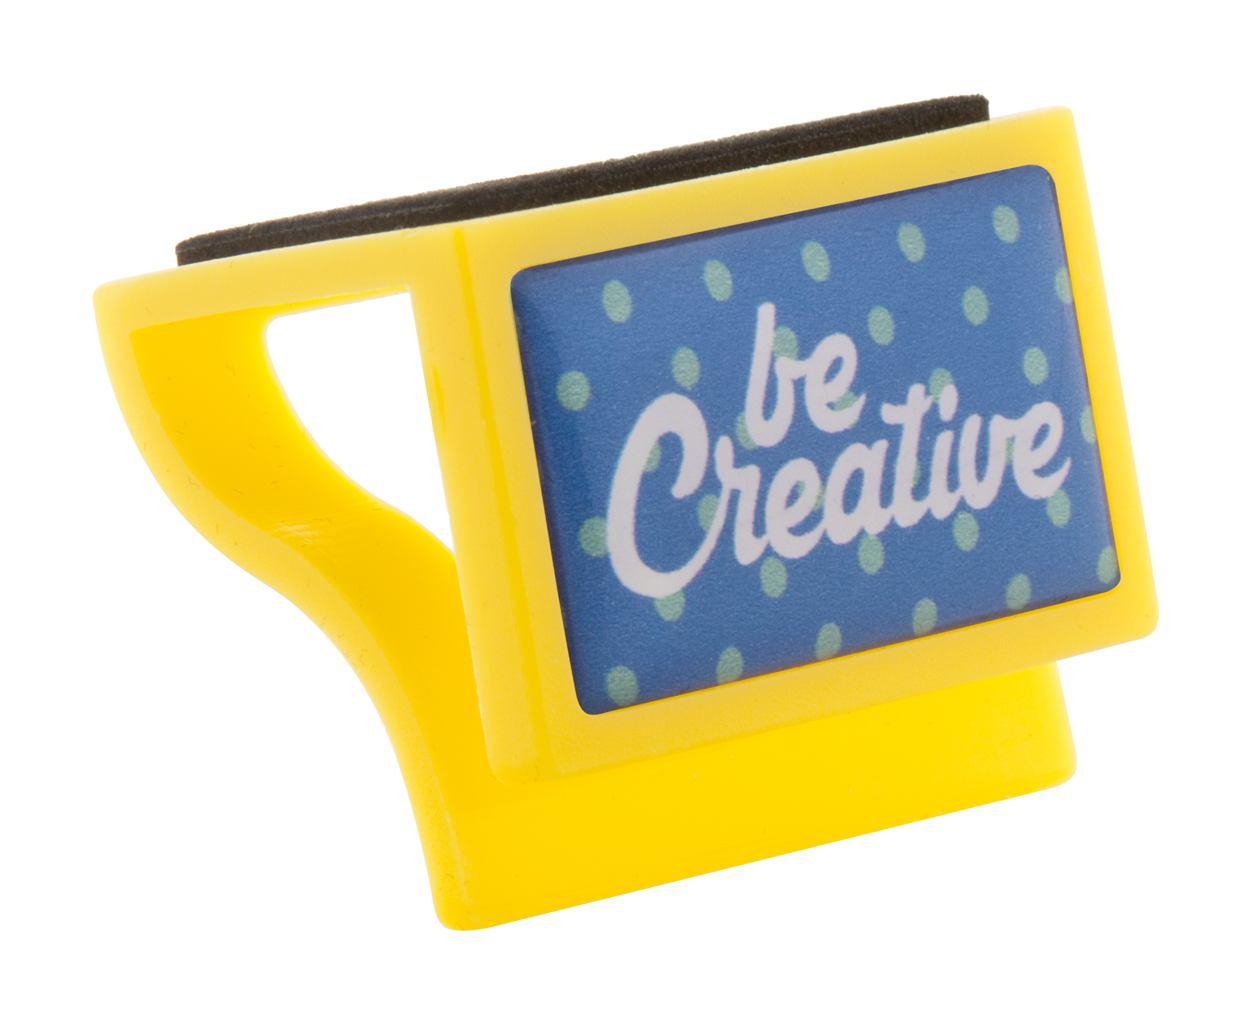 Afbeelding van 100 st. Bedrukte Anti spy webcam cover Plastic bedrukken gadgets